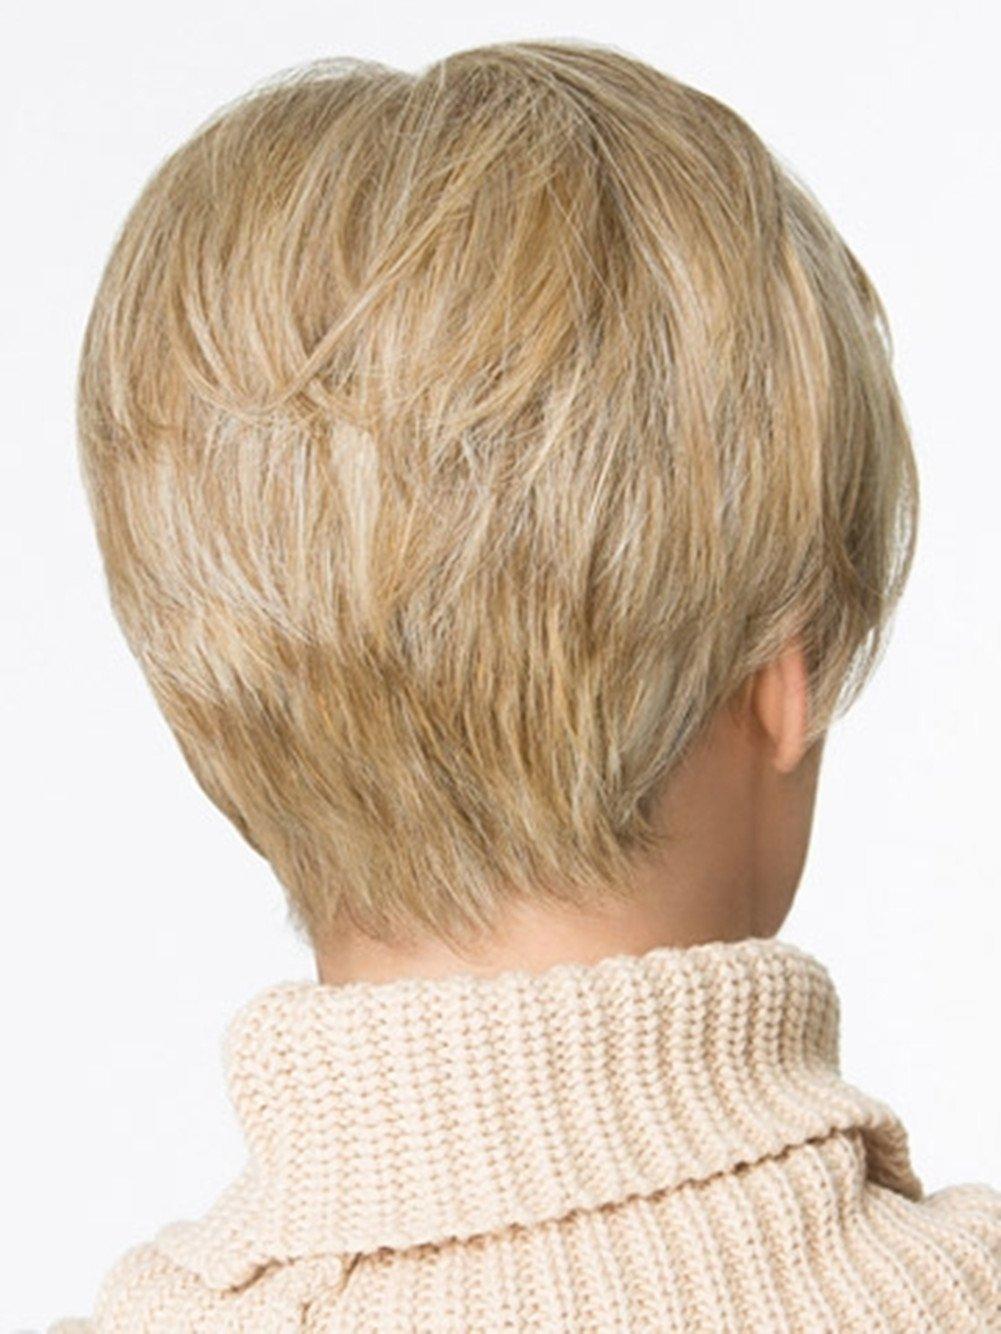 Tonake 0081 - Peluca de pelo corto rubio ligeramente ondulado resistente al calor para las mujeres: Amazon.es: Salud y cuidado personal